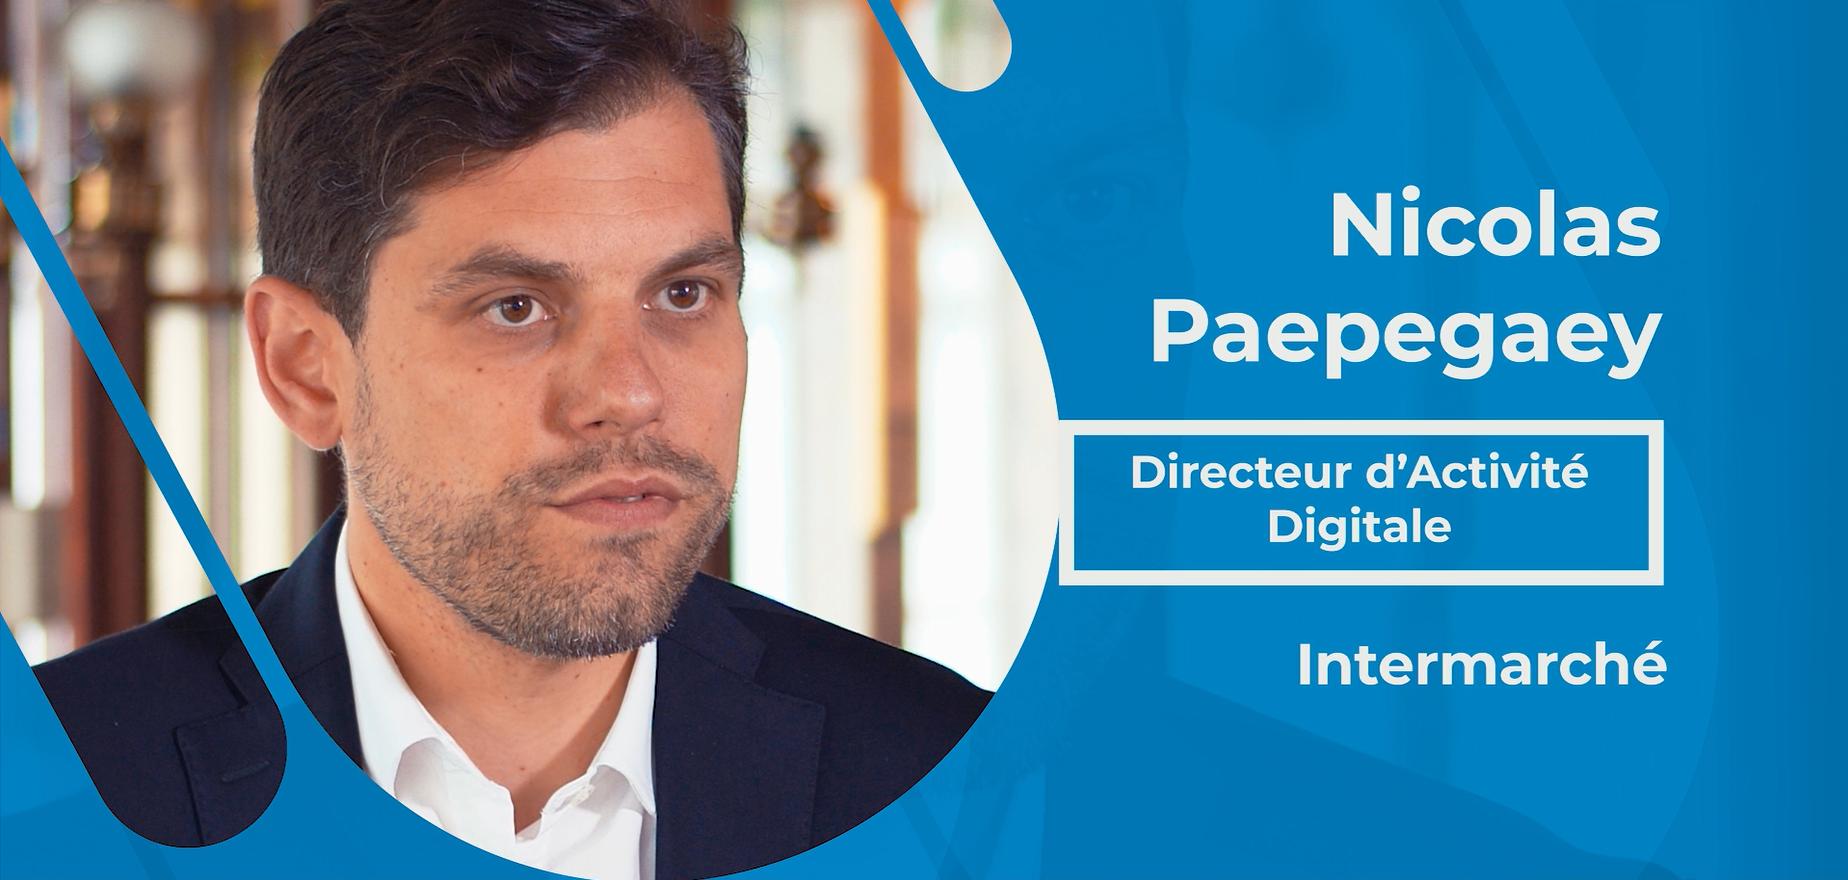 Actualités : Interview Nicolas Paepegaey - Directeur d'activité digitale chez Intermarché